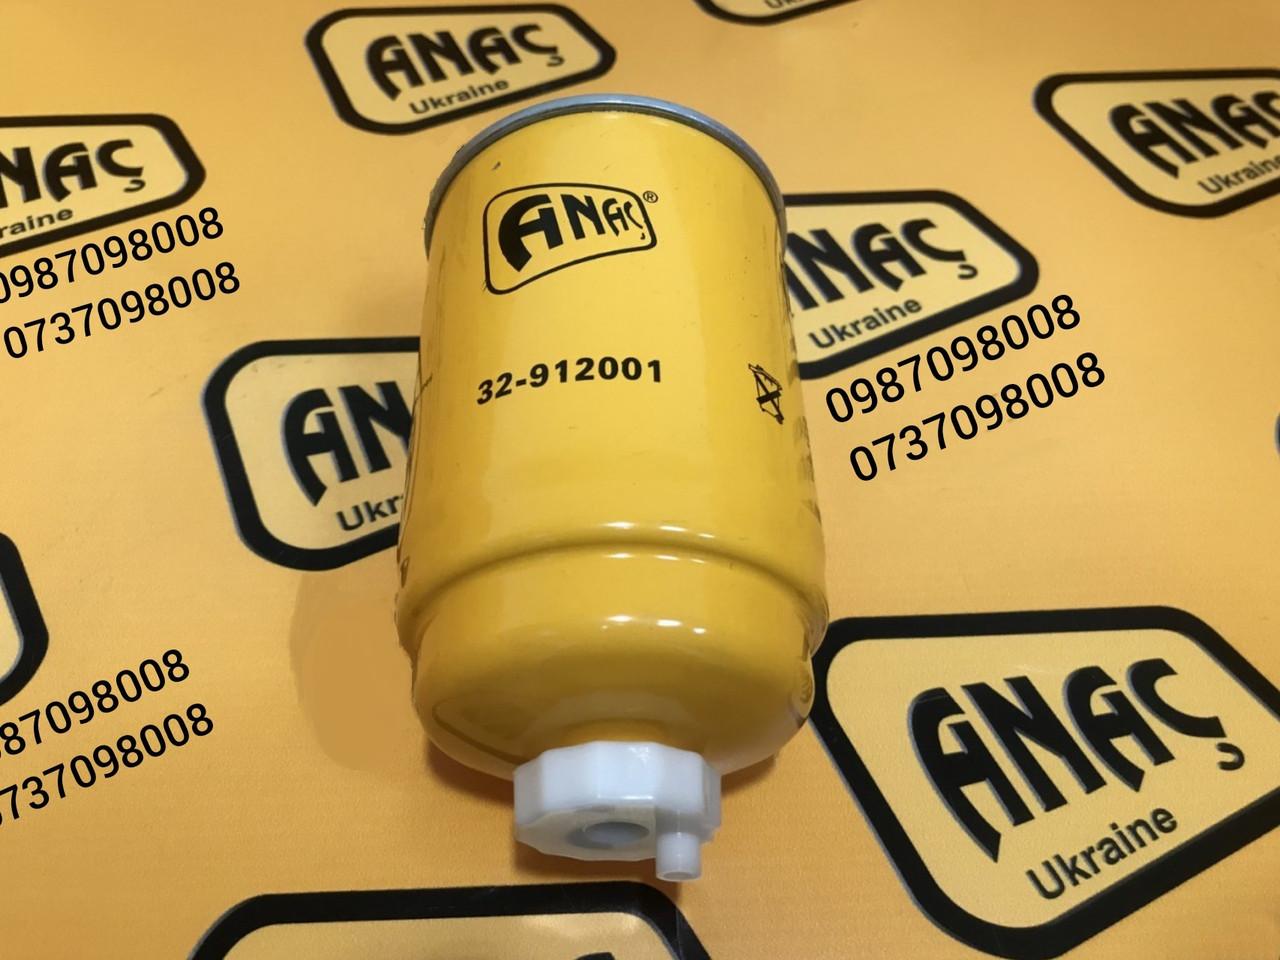 Фильтр топлива для двигателя Perkins на JCB 3CX, 4CX номер 32/912001